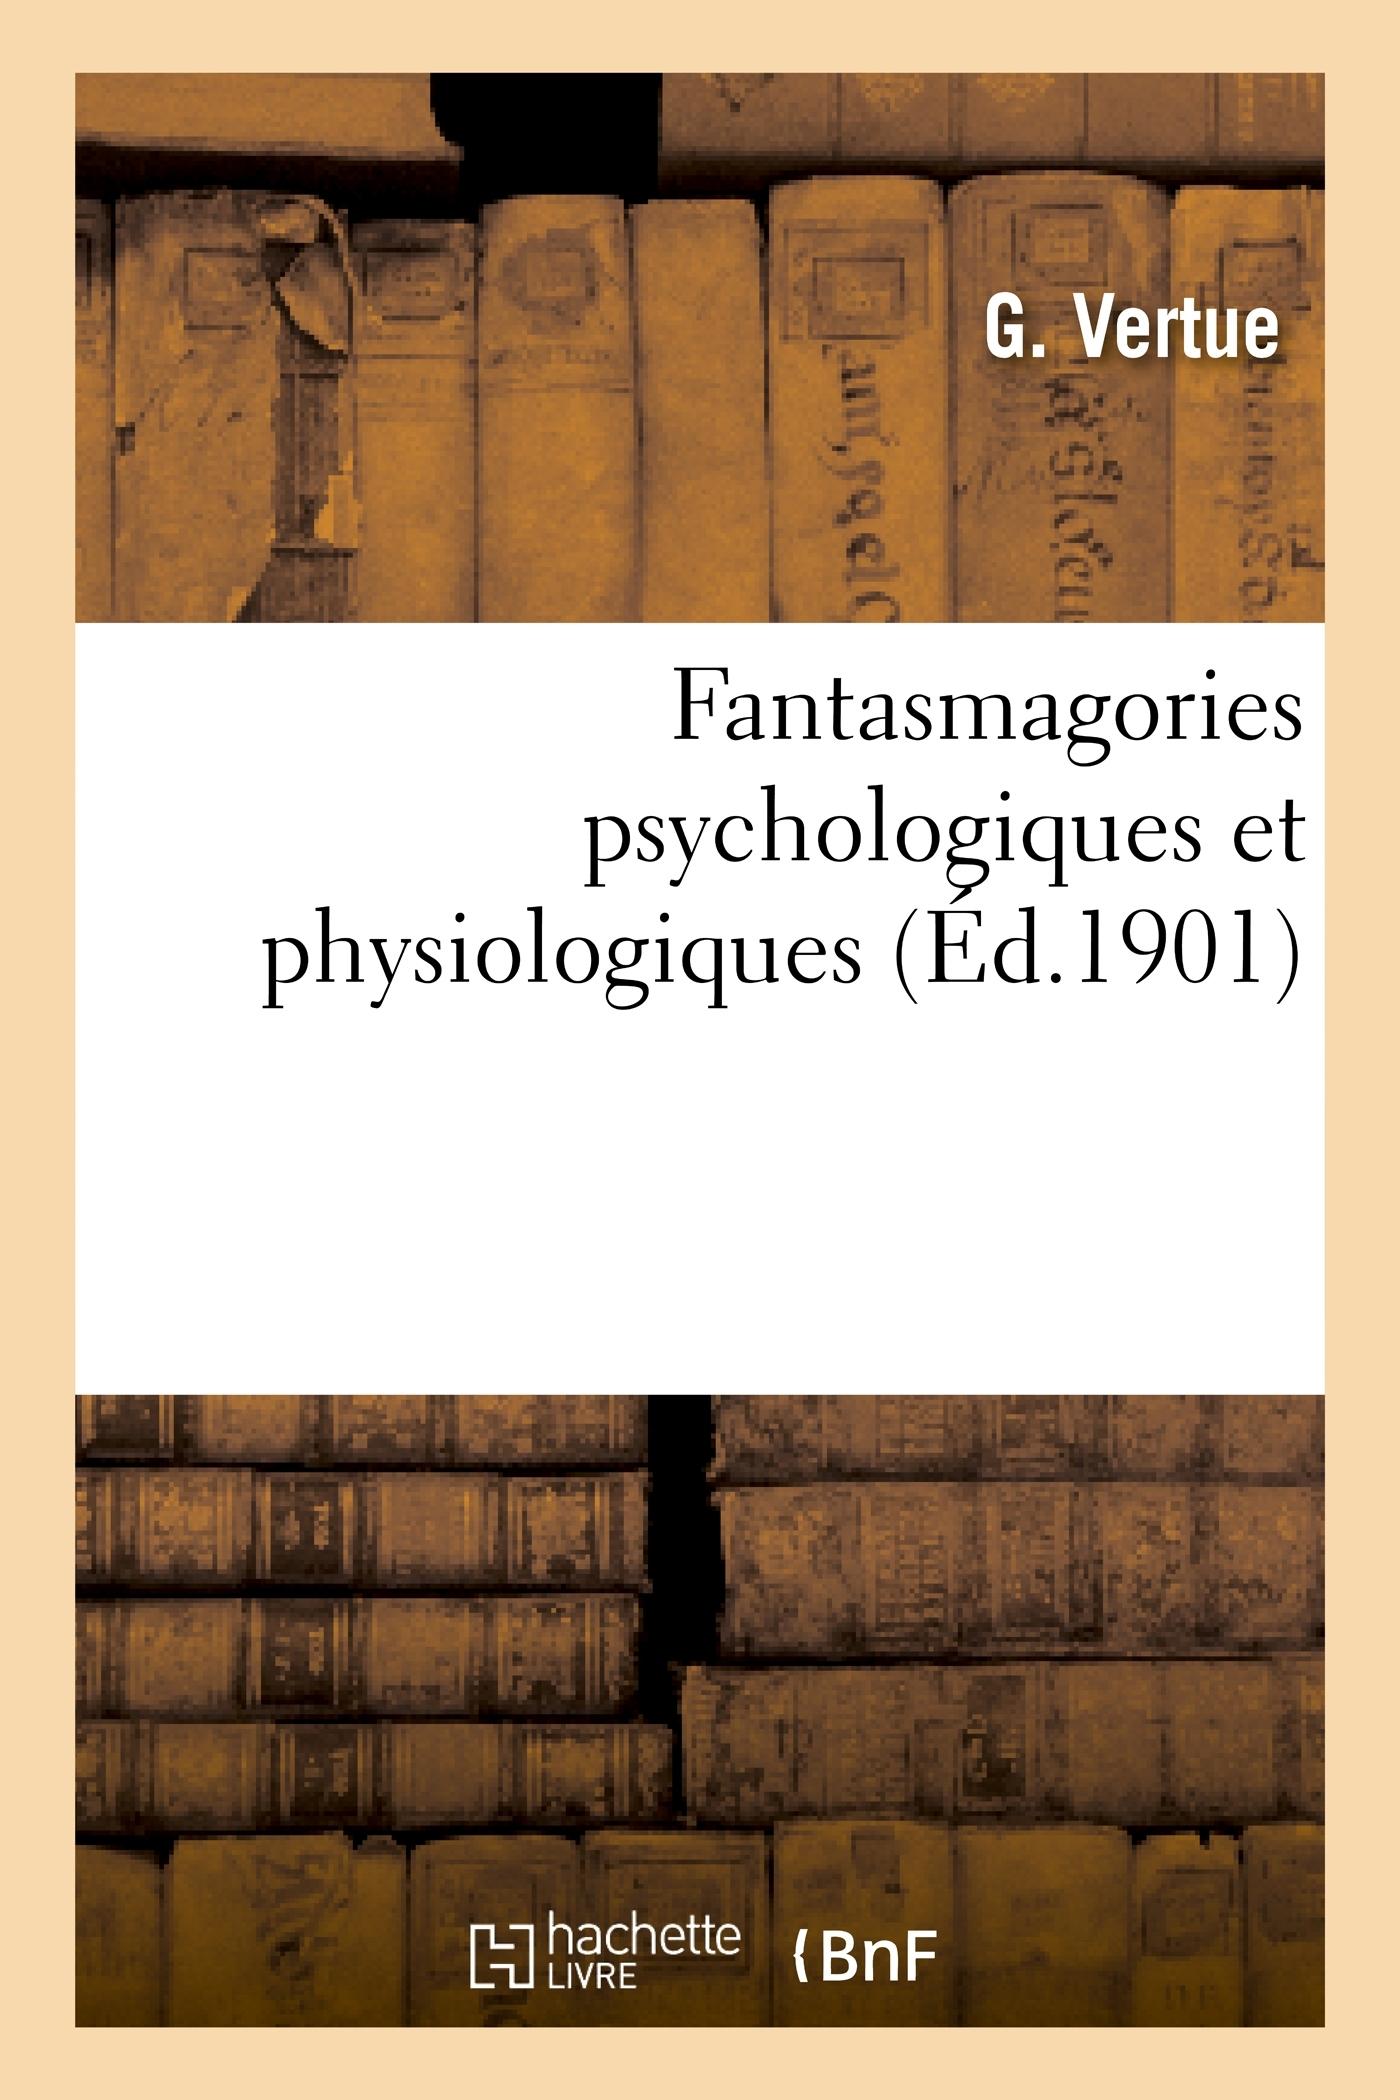 FANTASMAGORIES PSYCHOLOGIQUES ET PHYSIOLOGIQUES